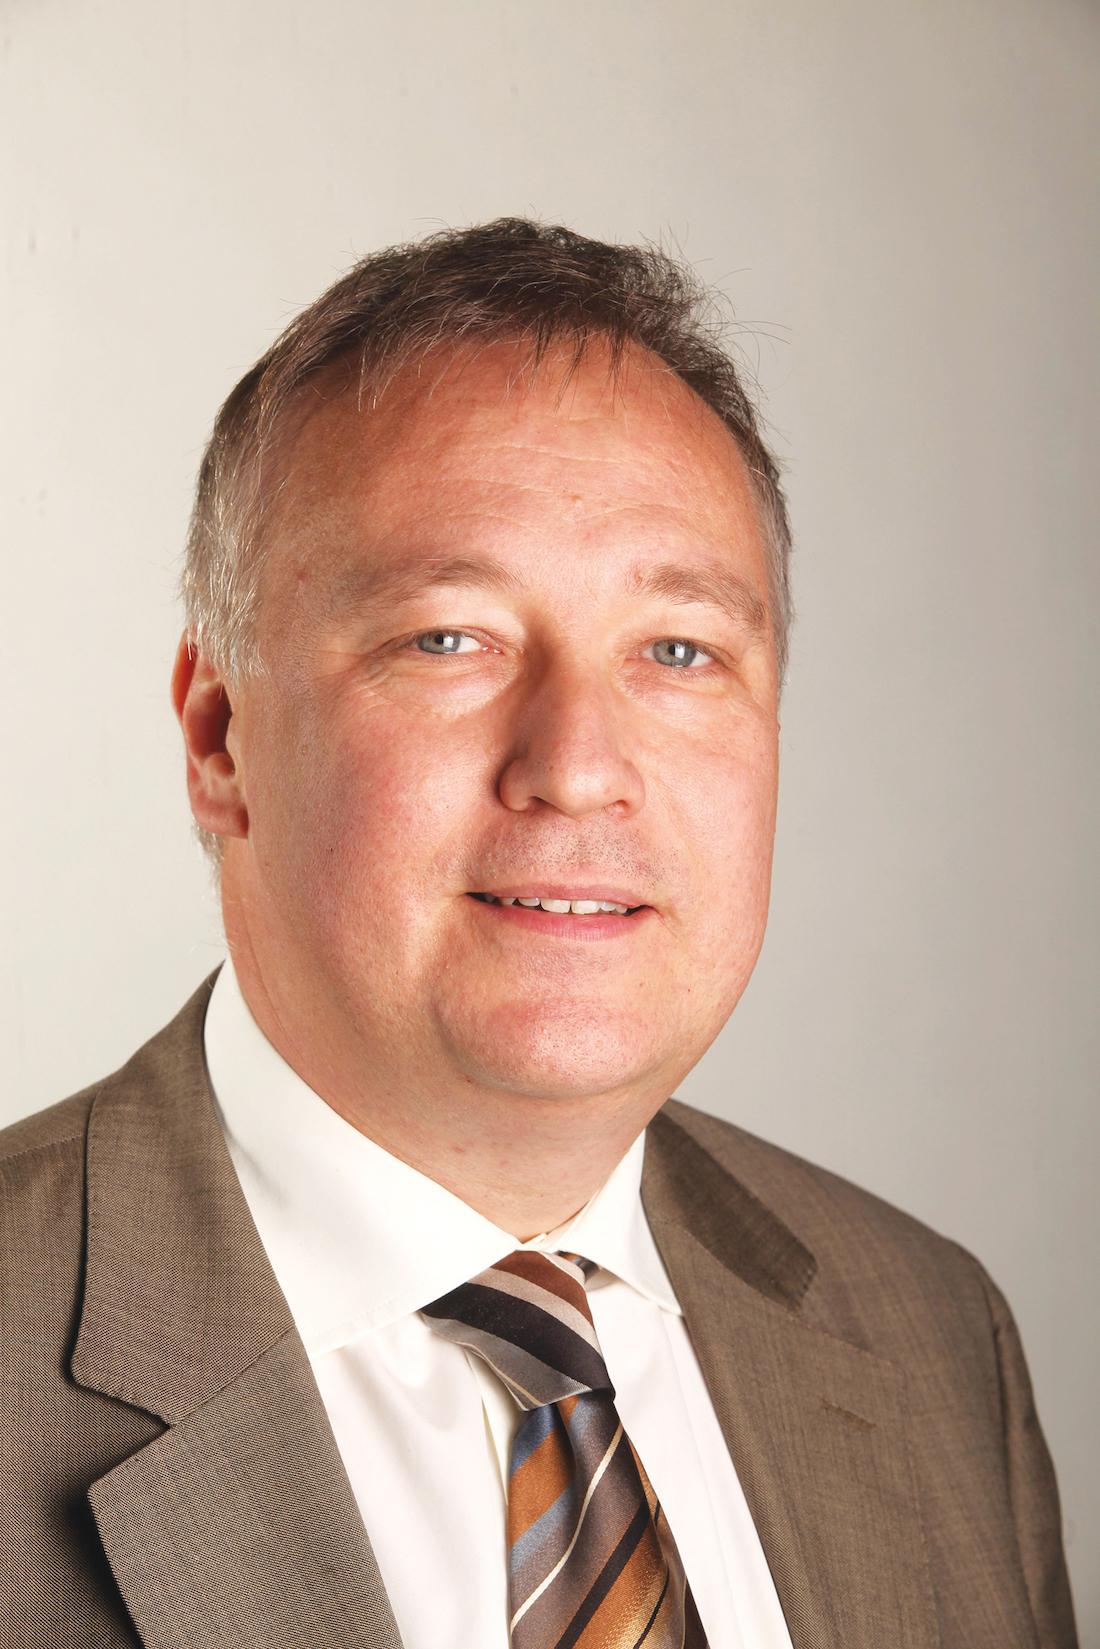 Le Pr. Philippe Kolh, directeur du Département de la Gestion des Systèmes d'Information pour le CHU de Liège. ©DR